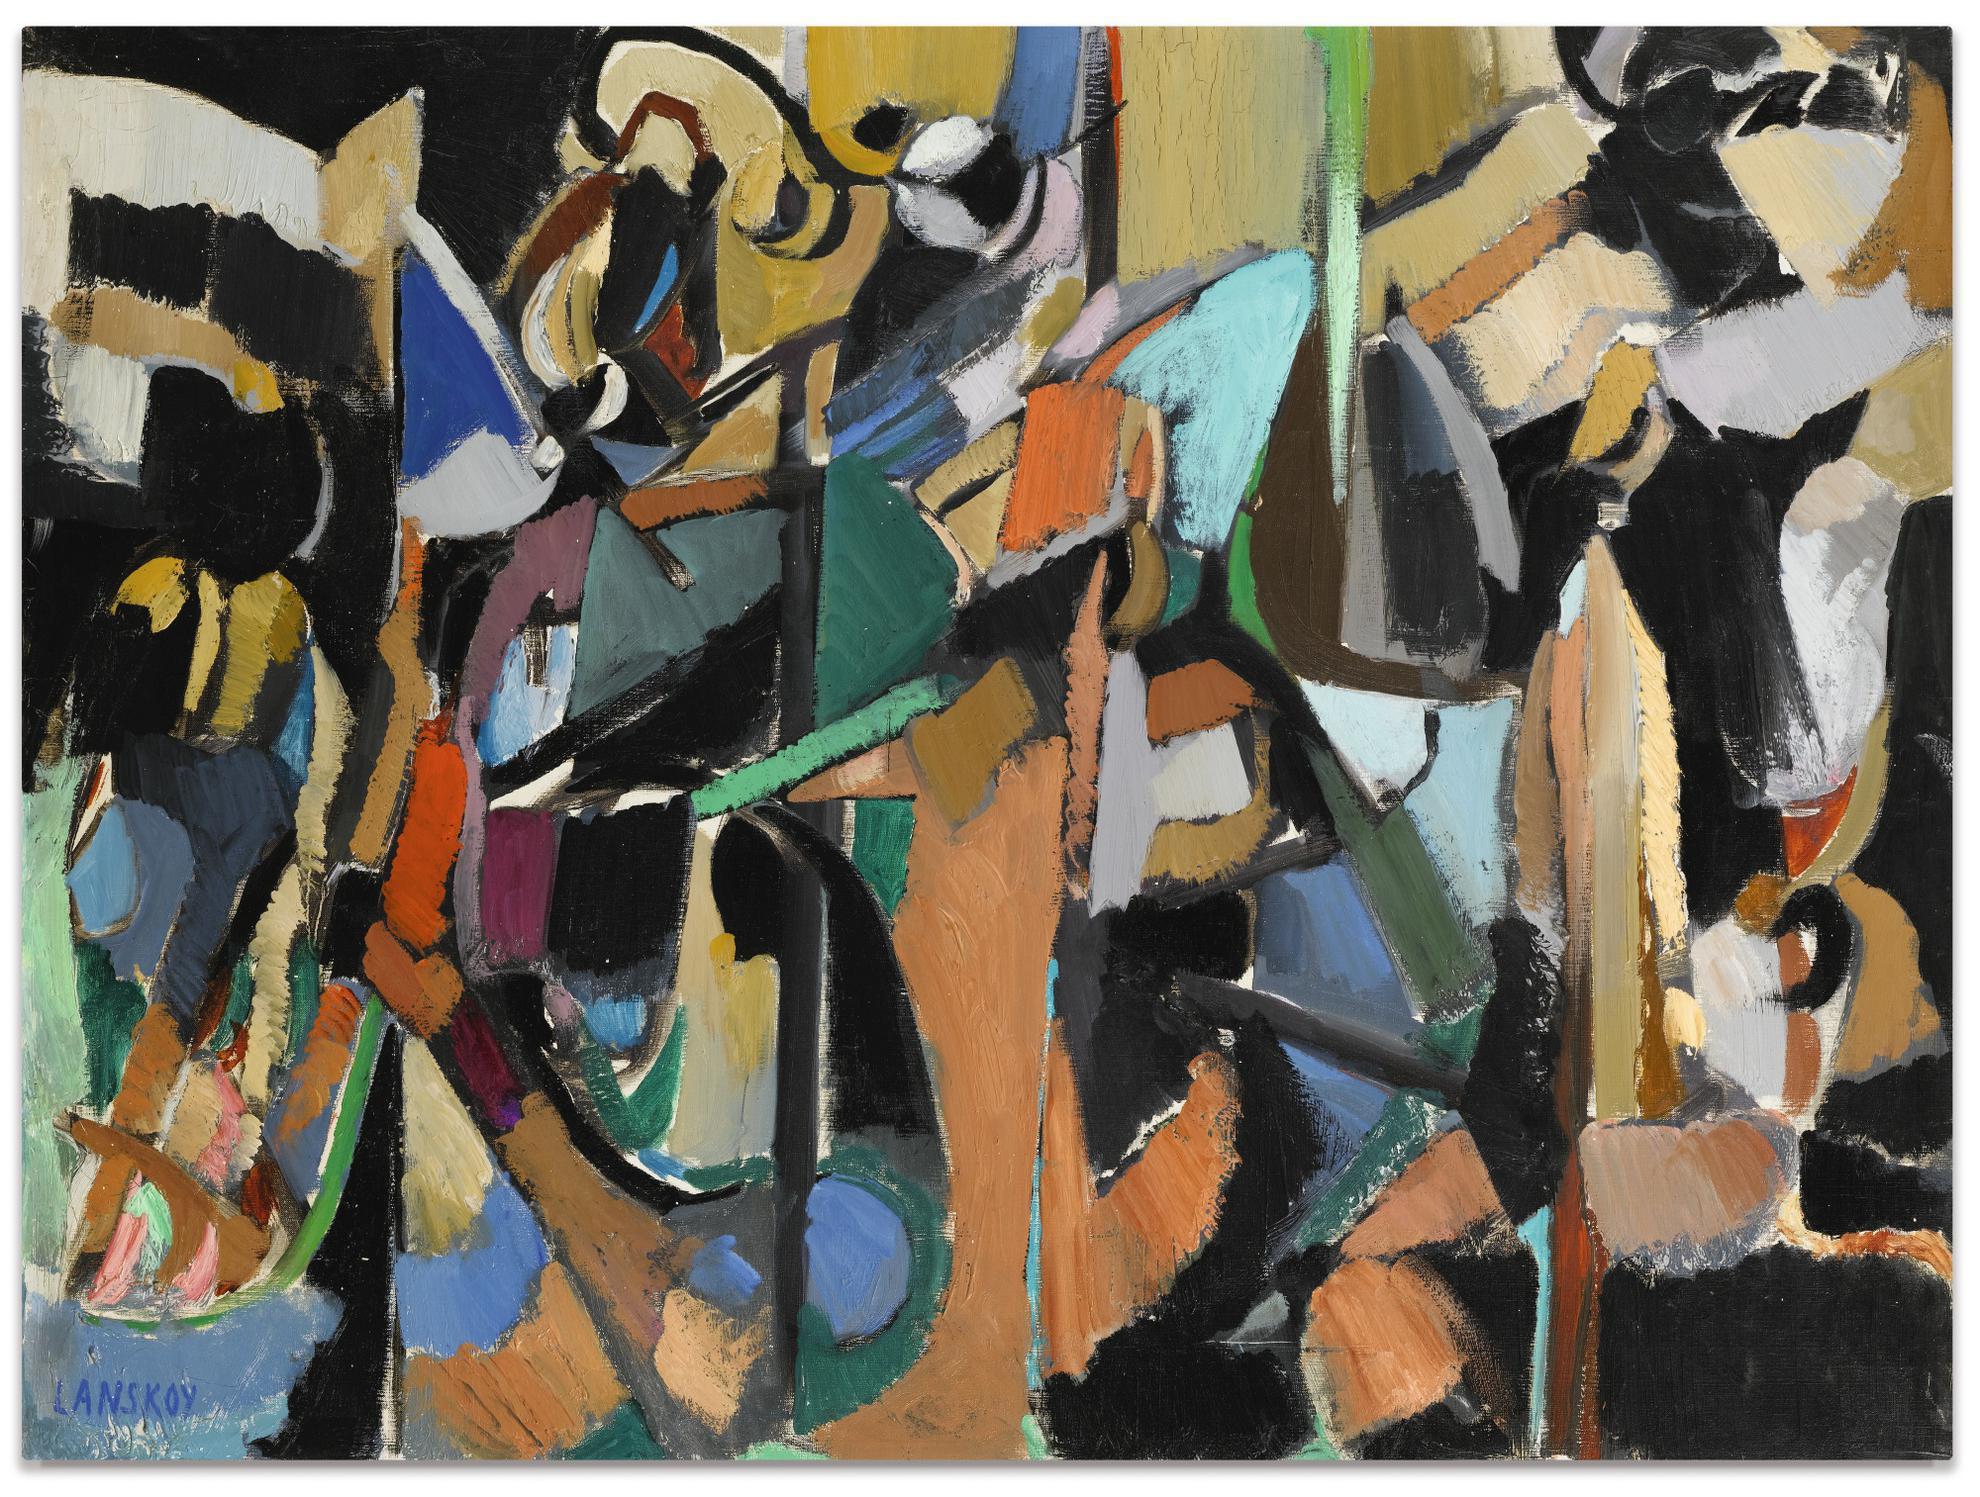 Andre Lanskoy-Les Journees Sans Pain-1961